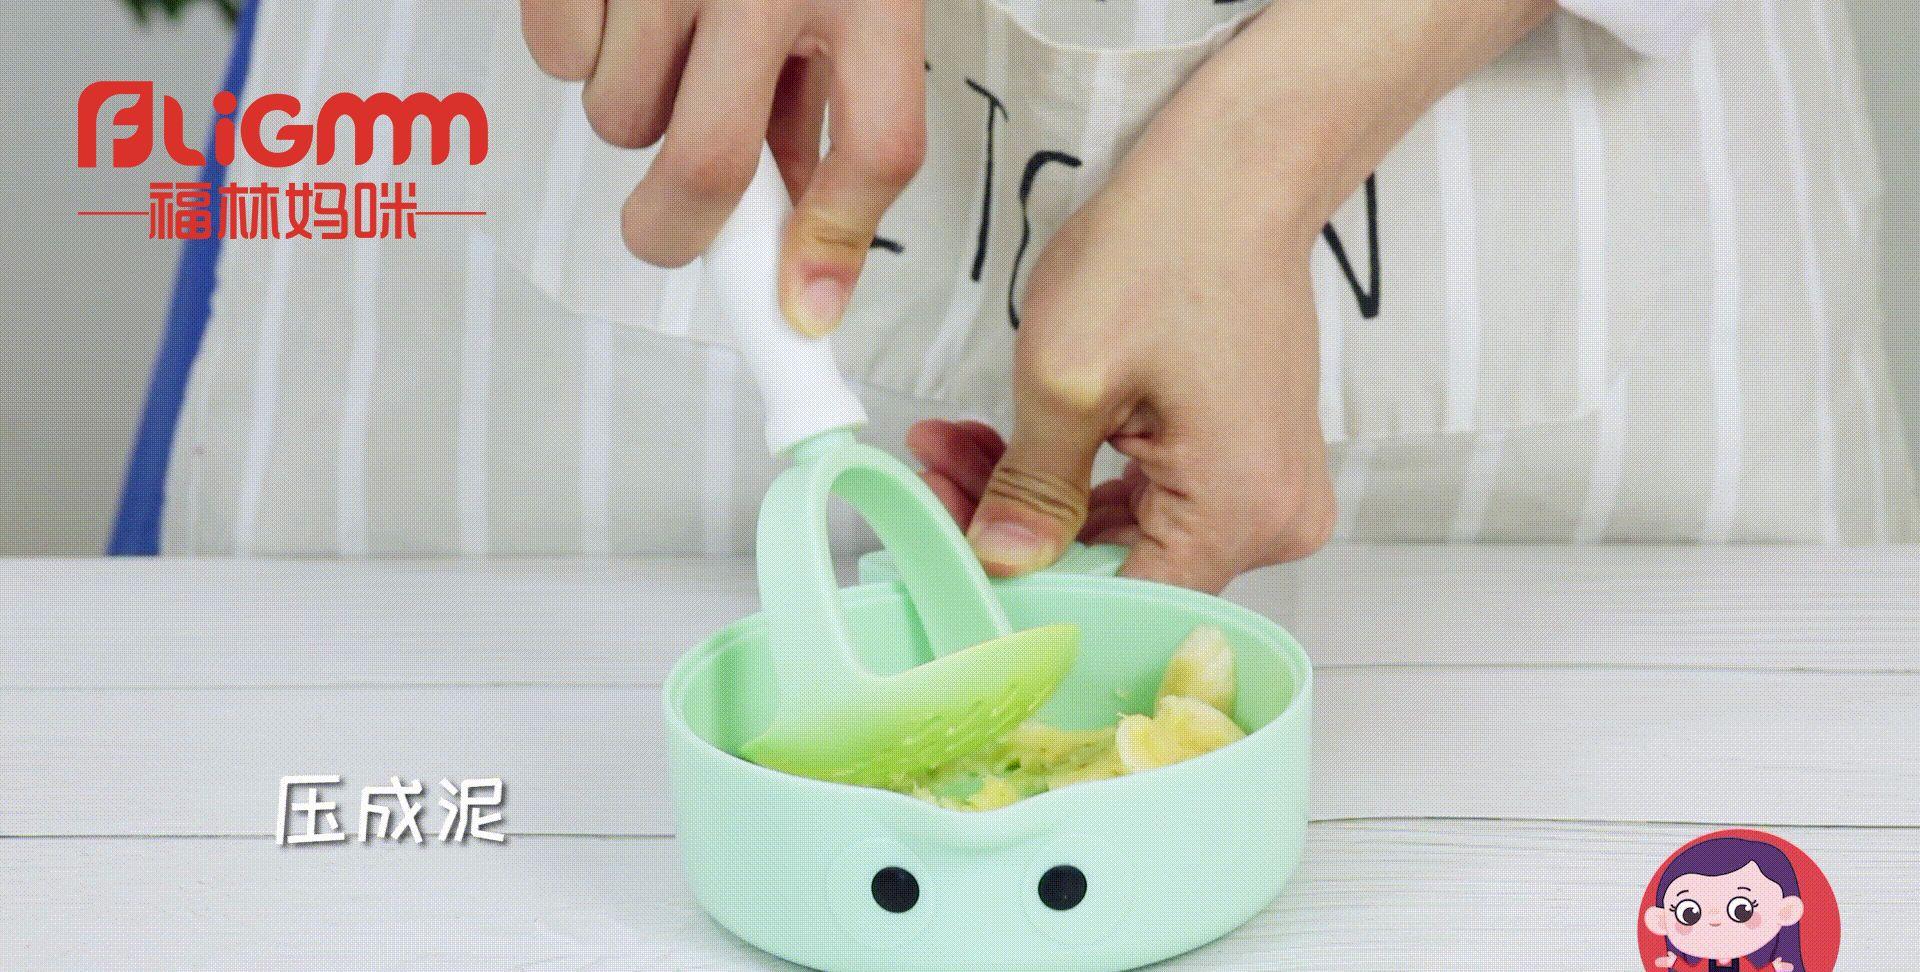 宝宝肚子胀、消化不好?试试香蕉南瓜糊,调理肠胃健康特别棒